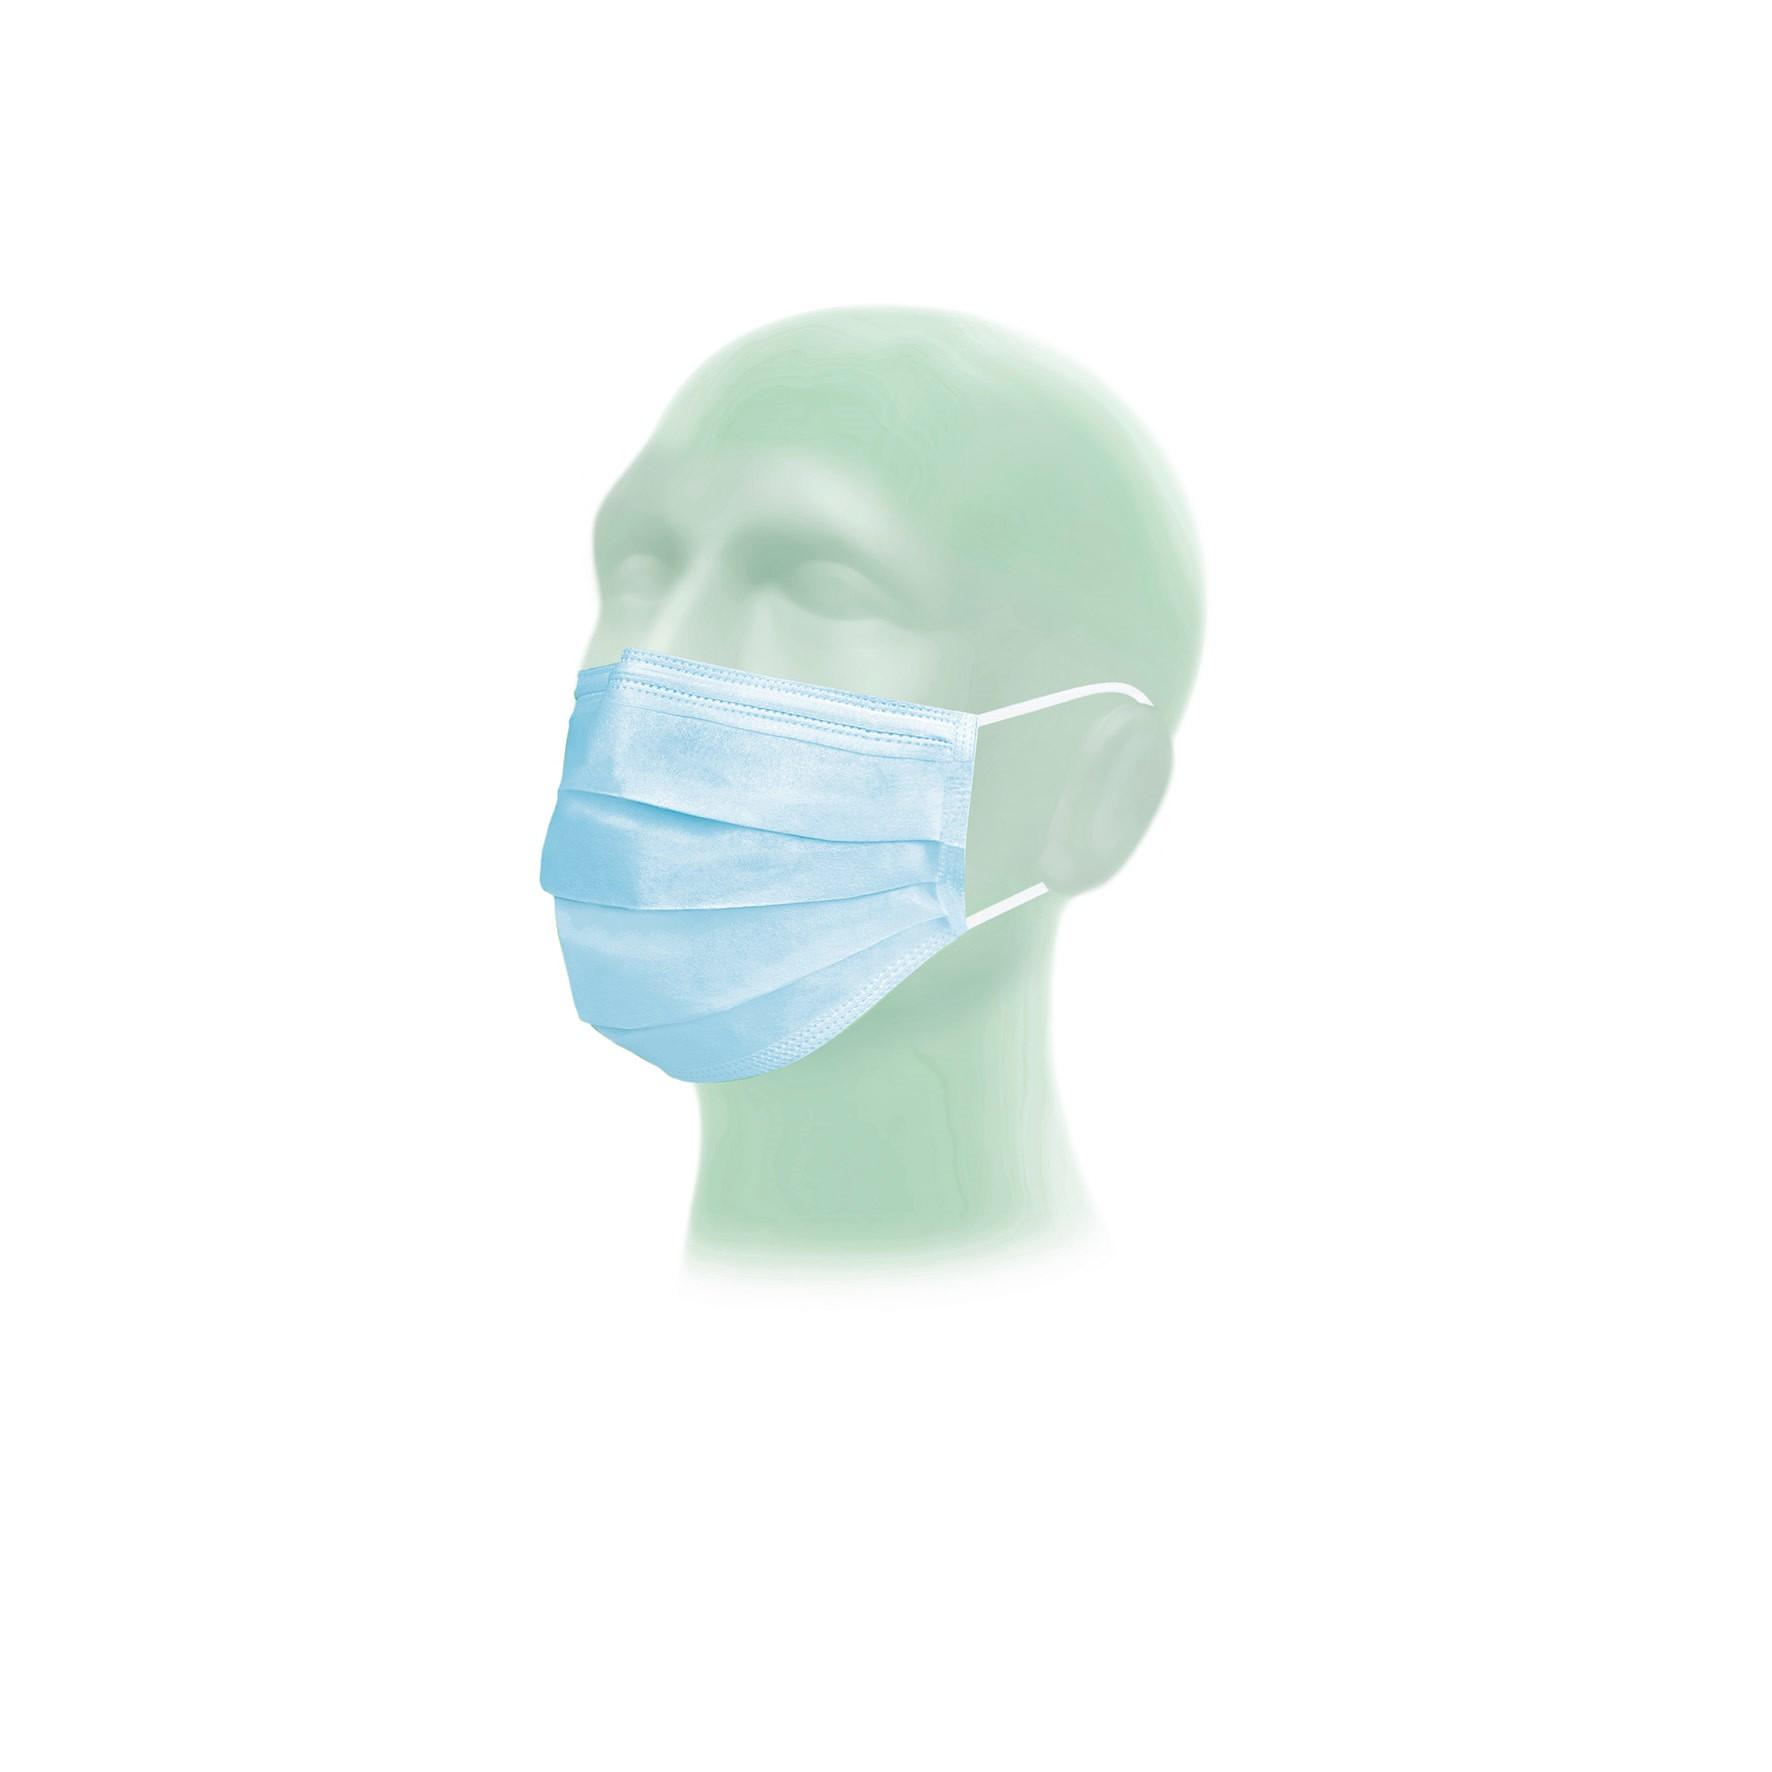 Suavel Protec - OP-Mundschutz mit Gummiband | Typ II